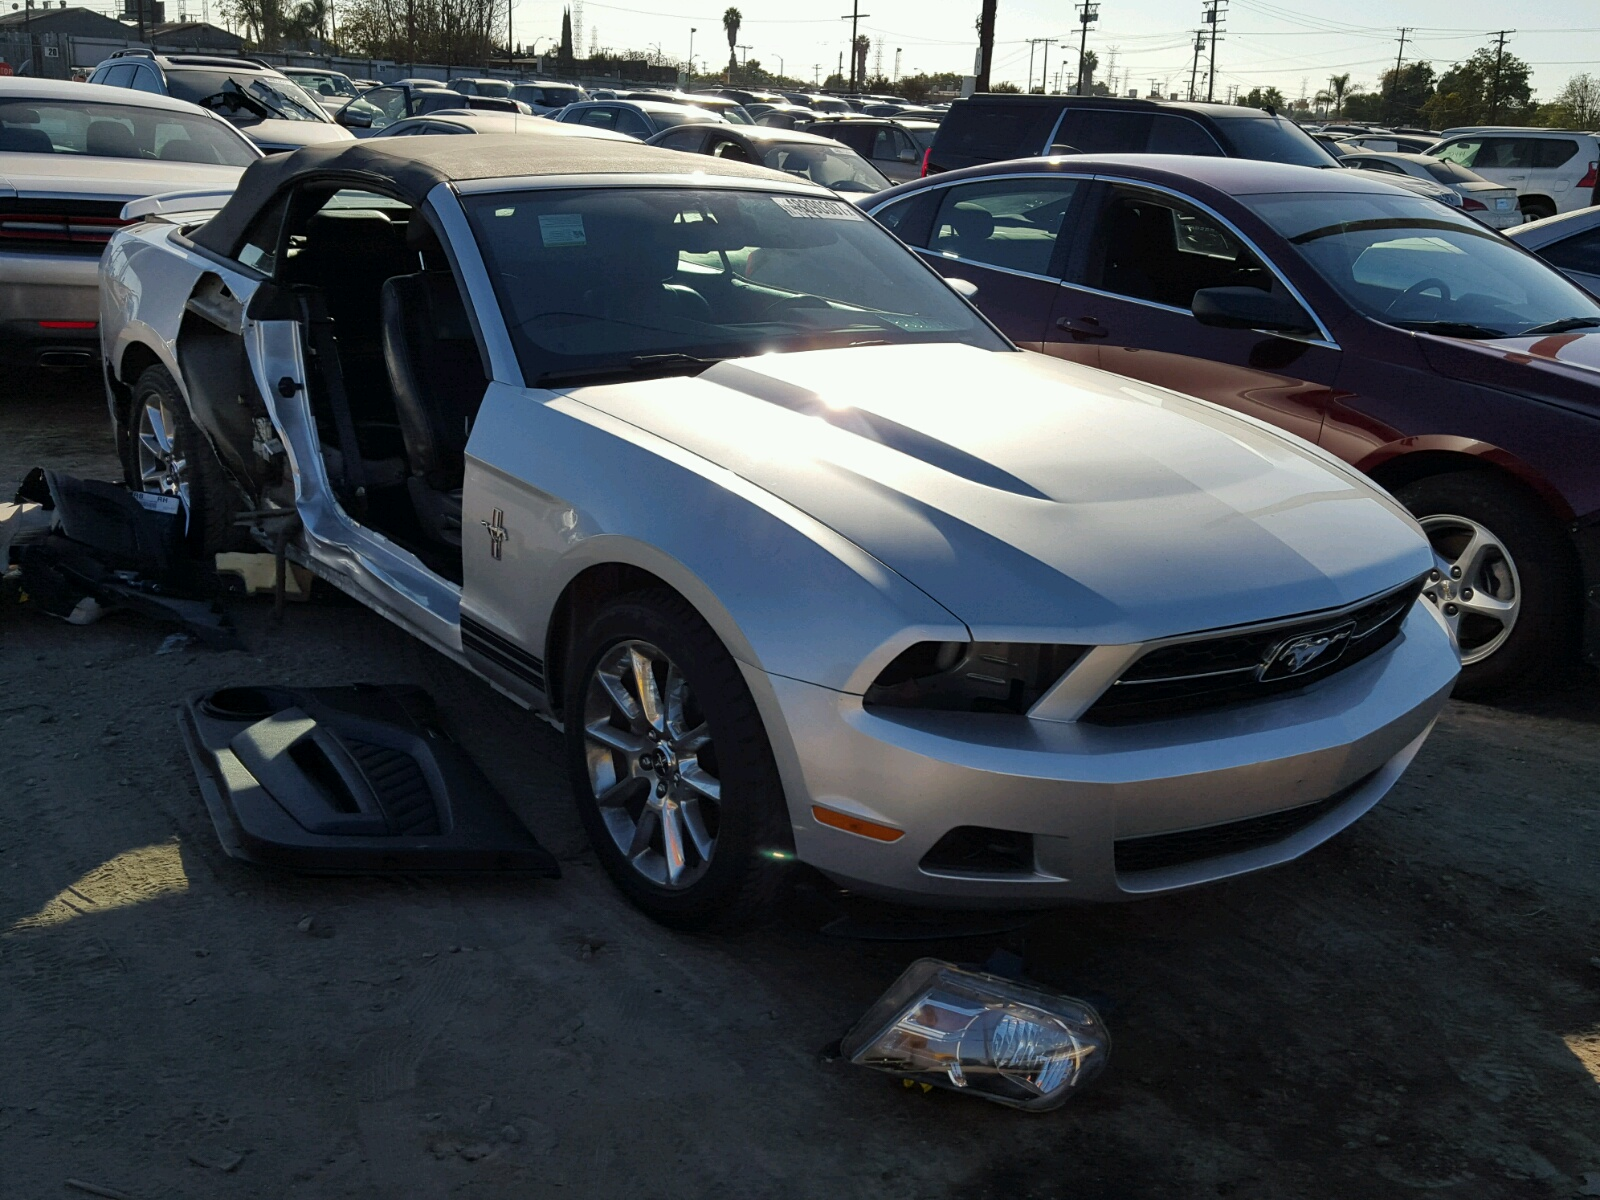 1ZVBP8EN0A5129025 | 2010 SILVER FORD MUSTANG on Sale in CA - LOS ...